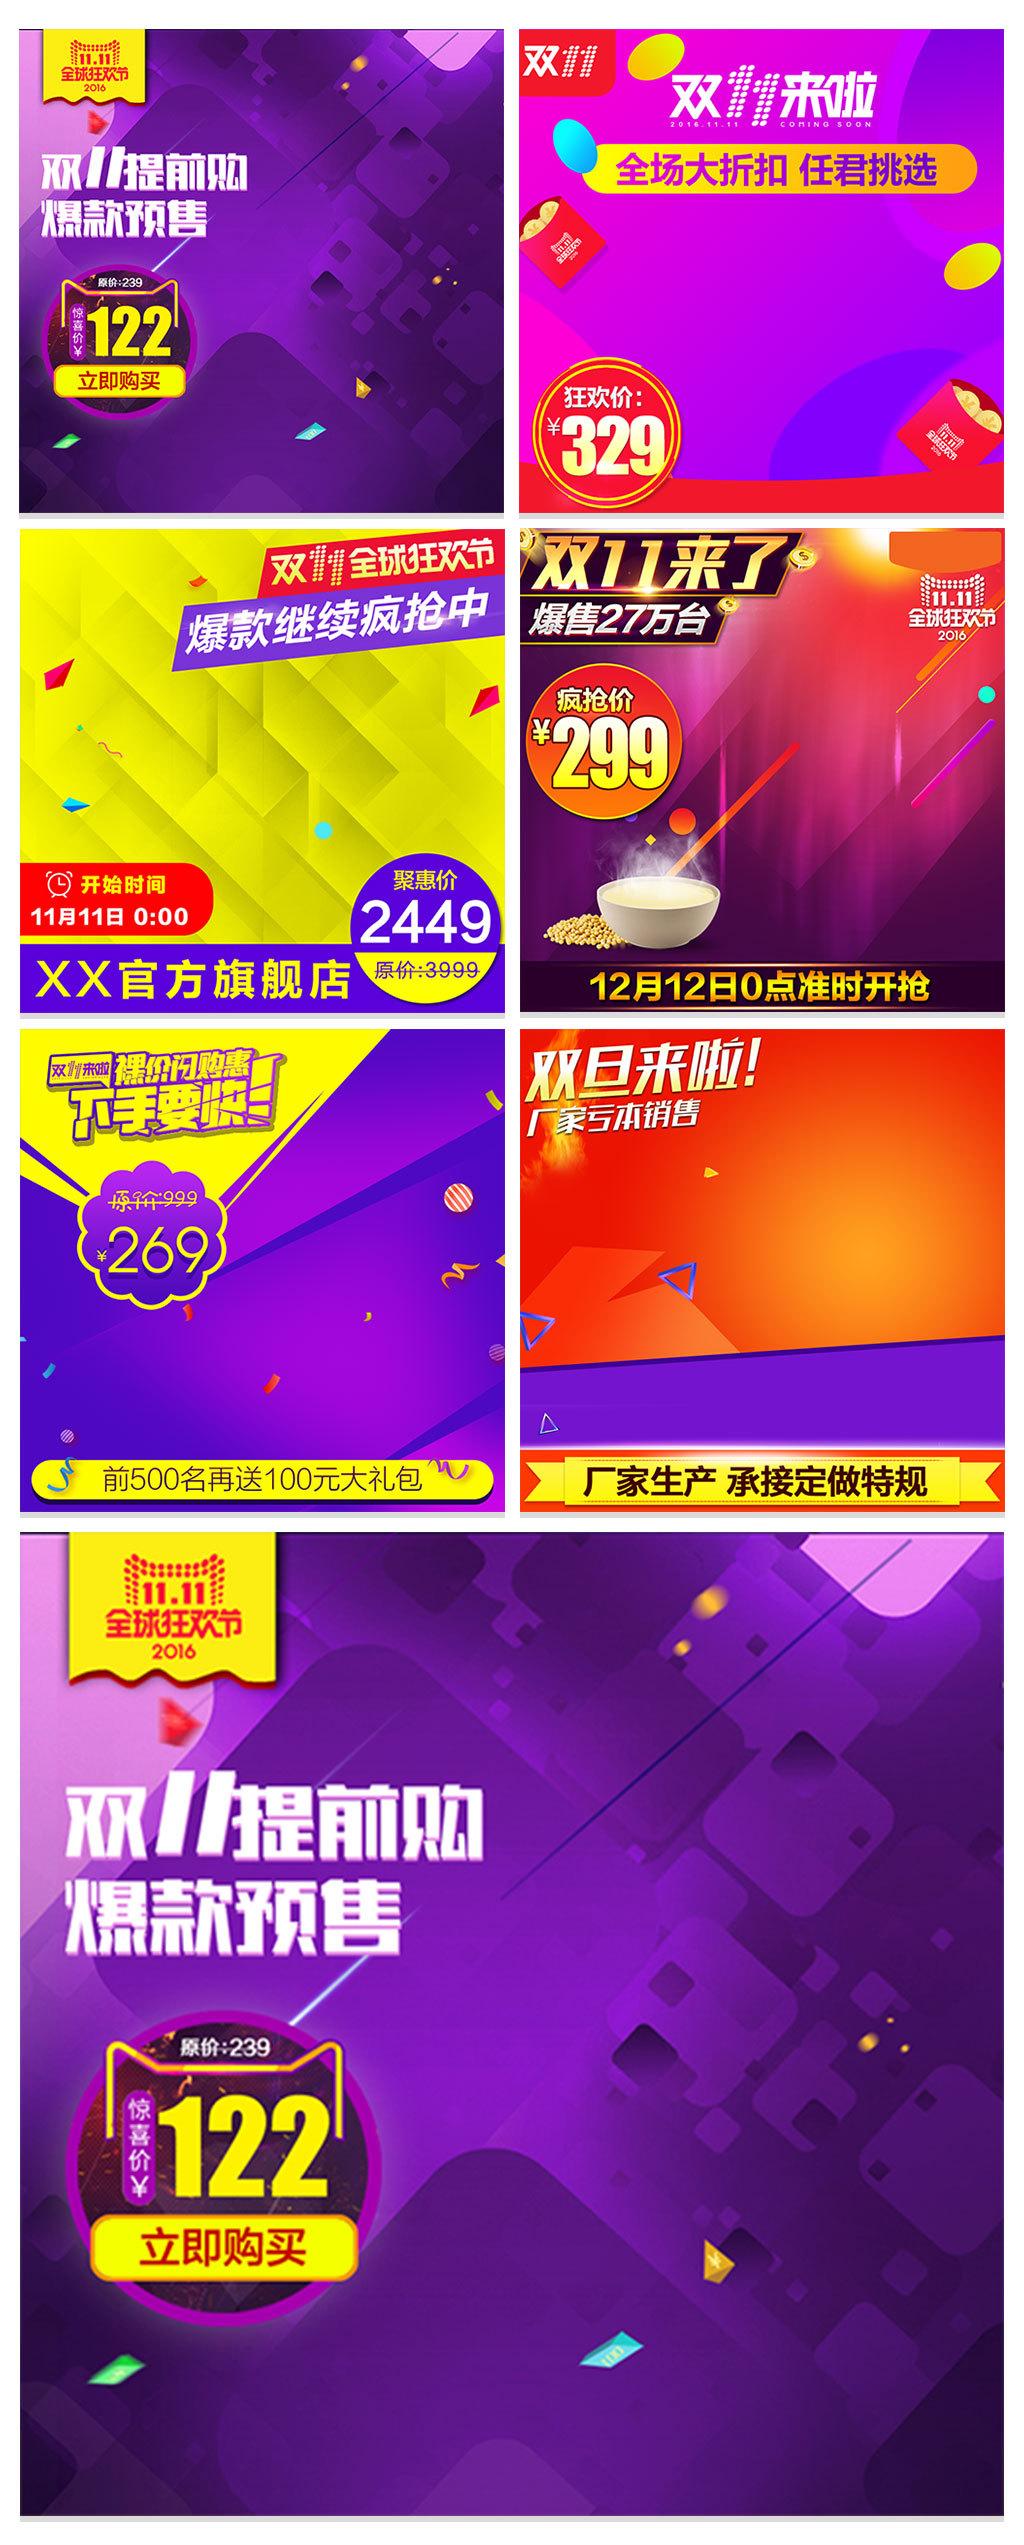 多彩天猫淘宝双11活动主图背景图片设计素材 高清PSD模板下载 28.70